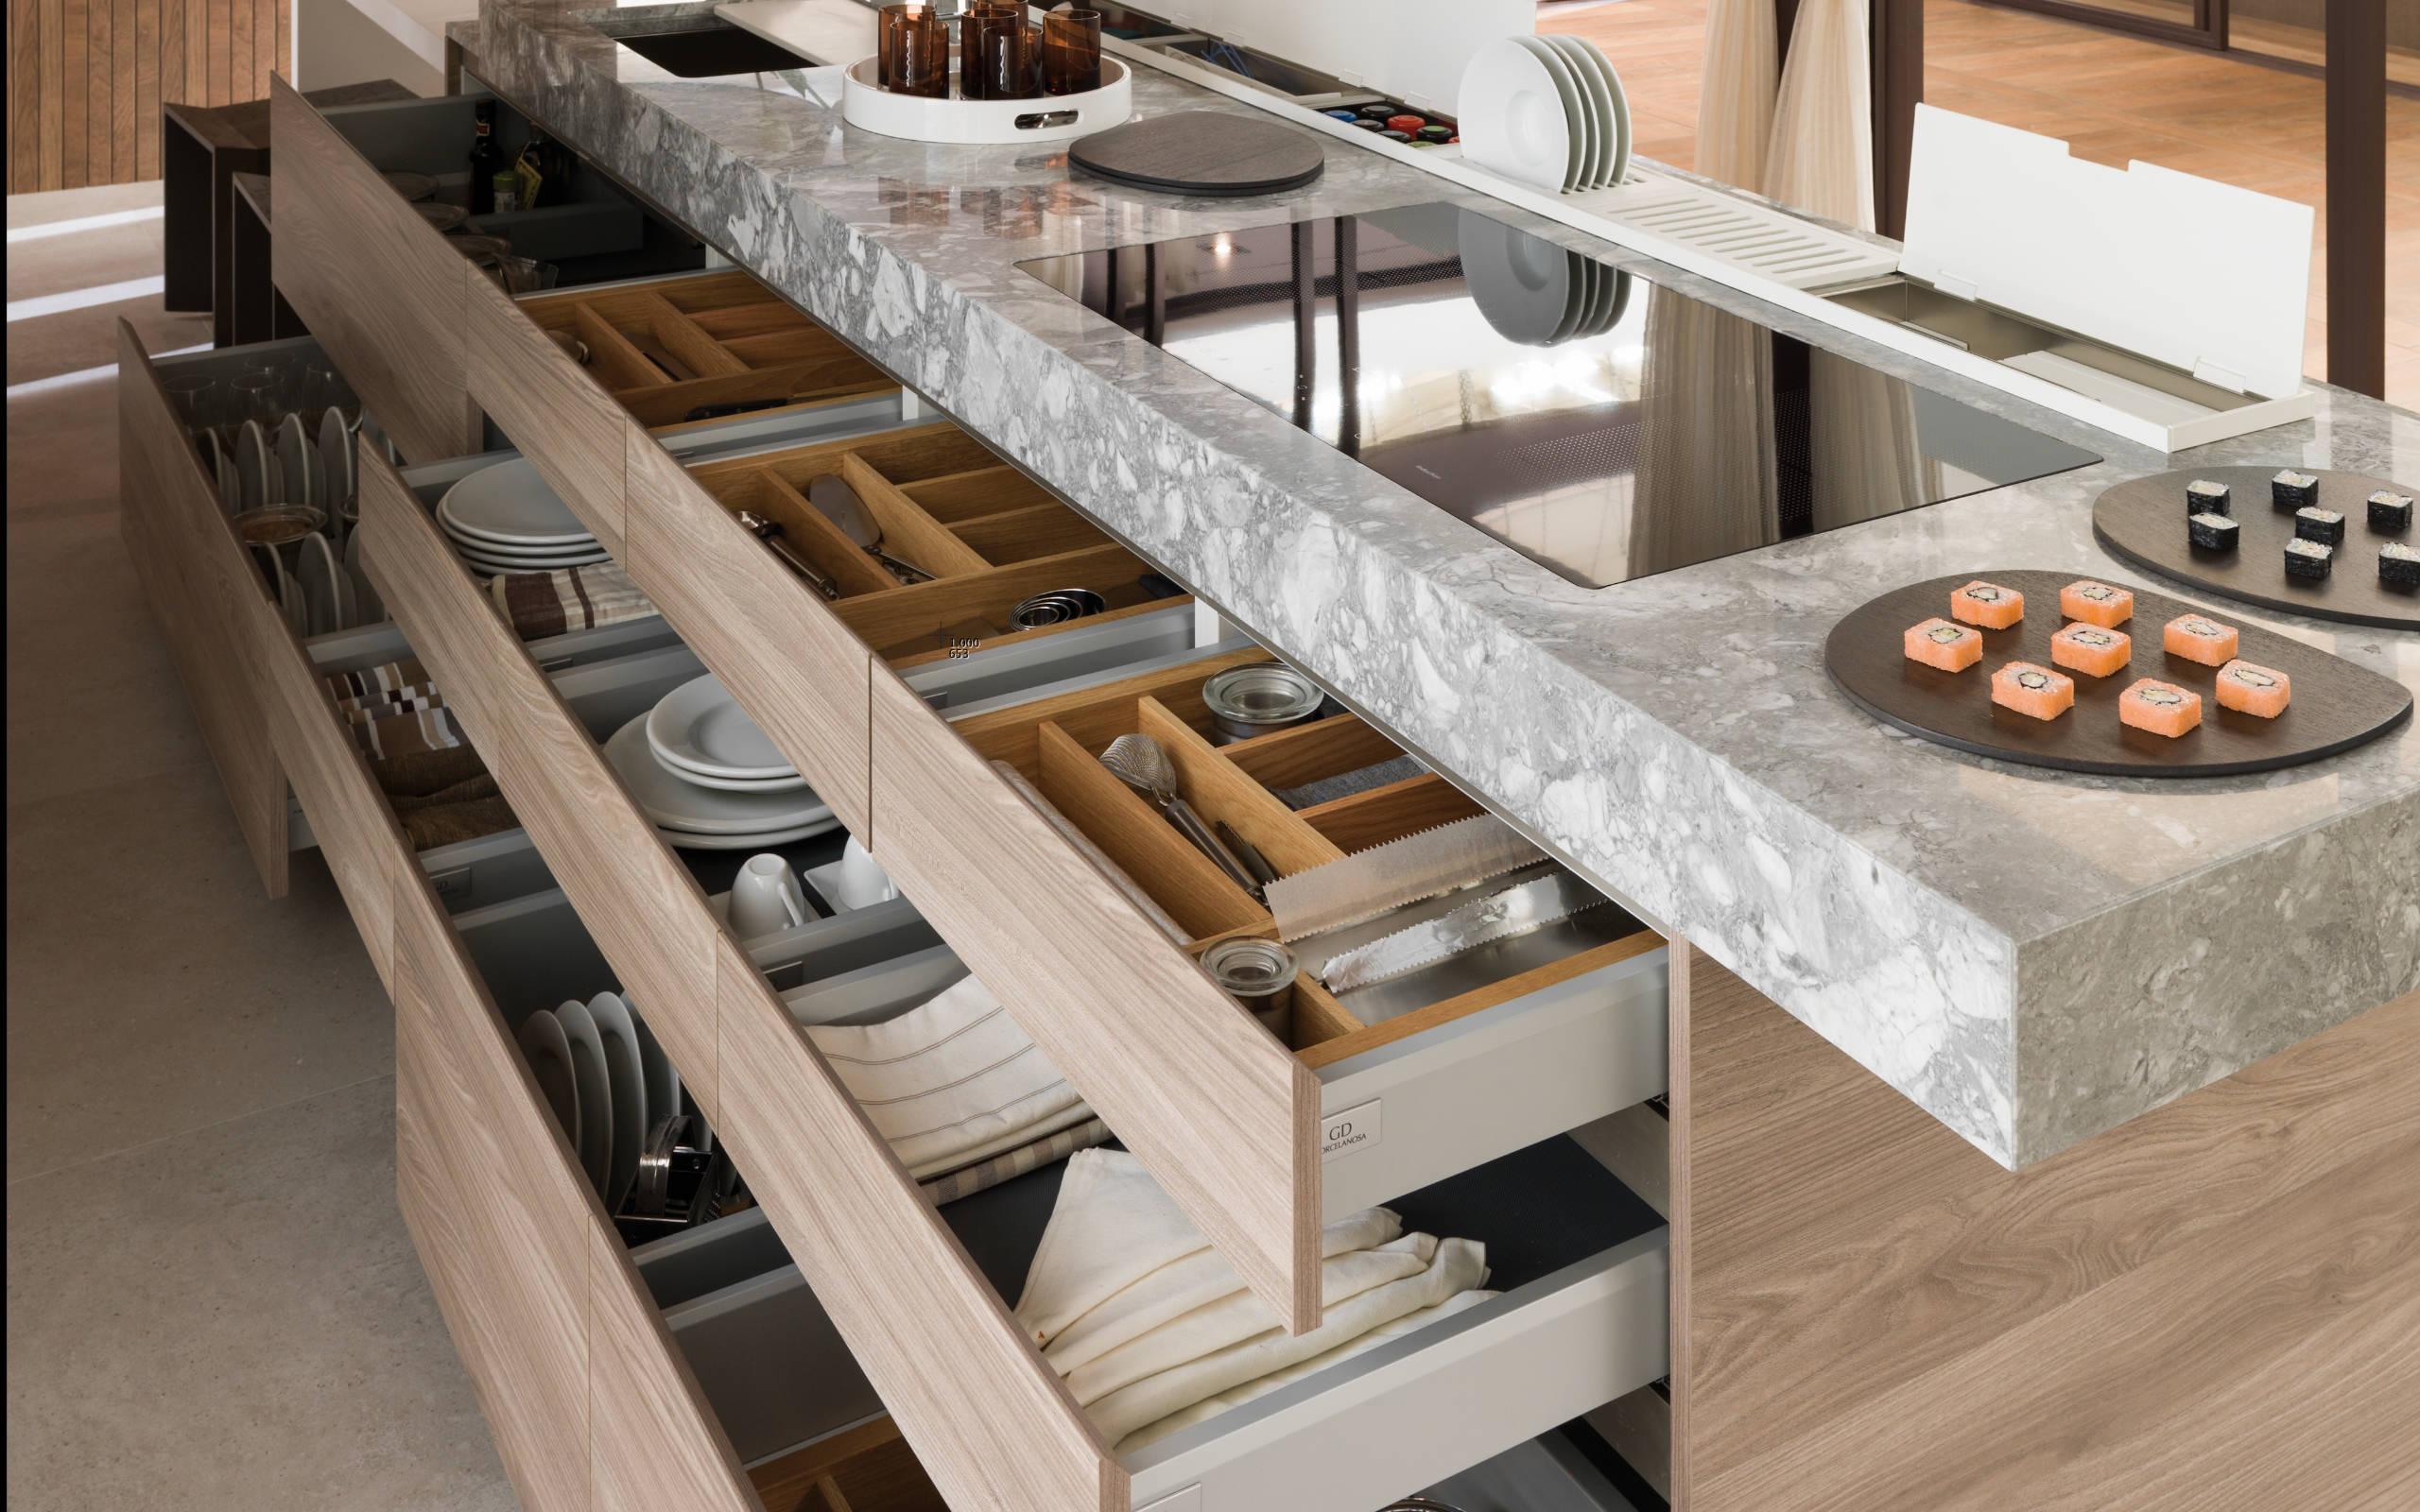 Soluciones para el almacenaje de cocina  equipamiento innovador y práctico  para una óptima organización - GAMADECOR Blog d142e98c3b0b